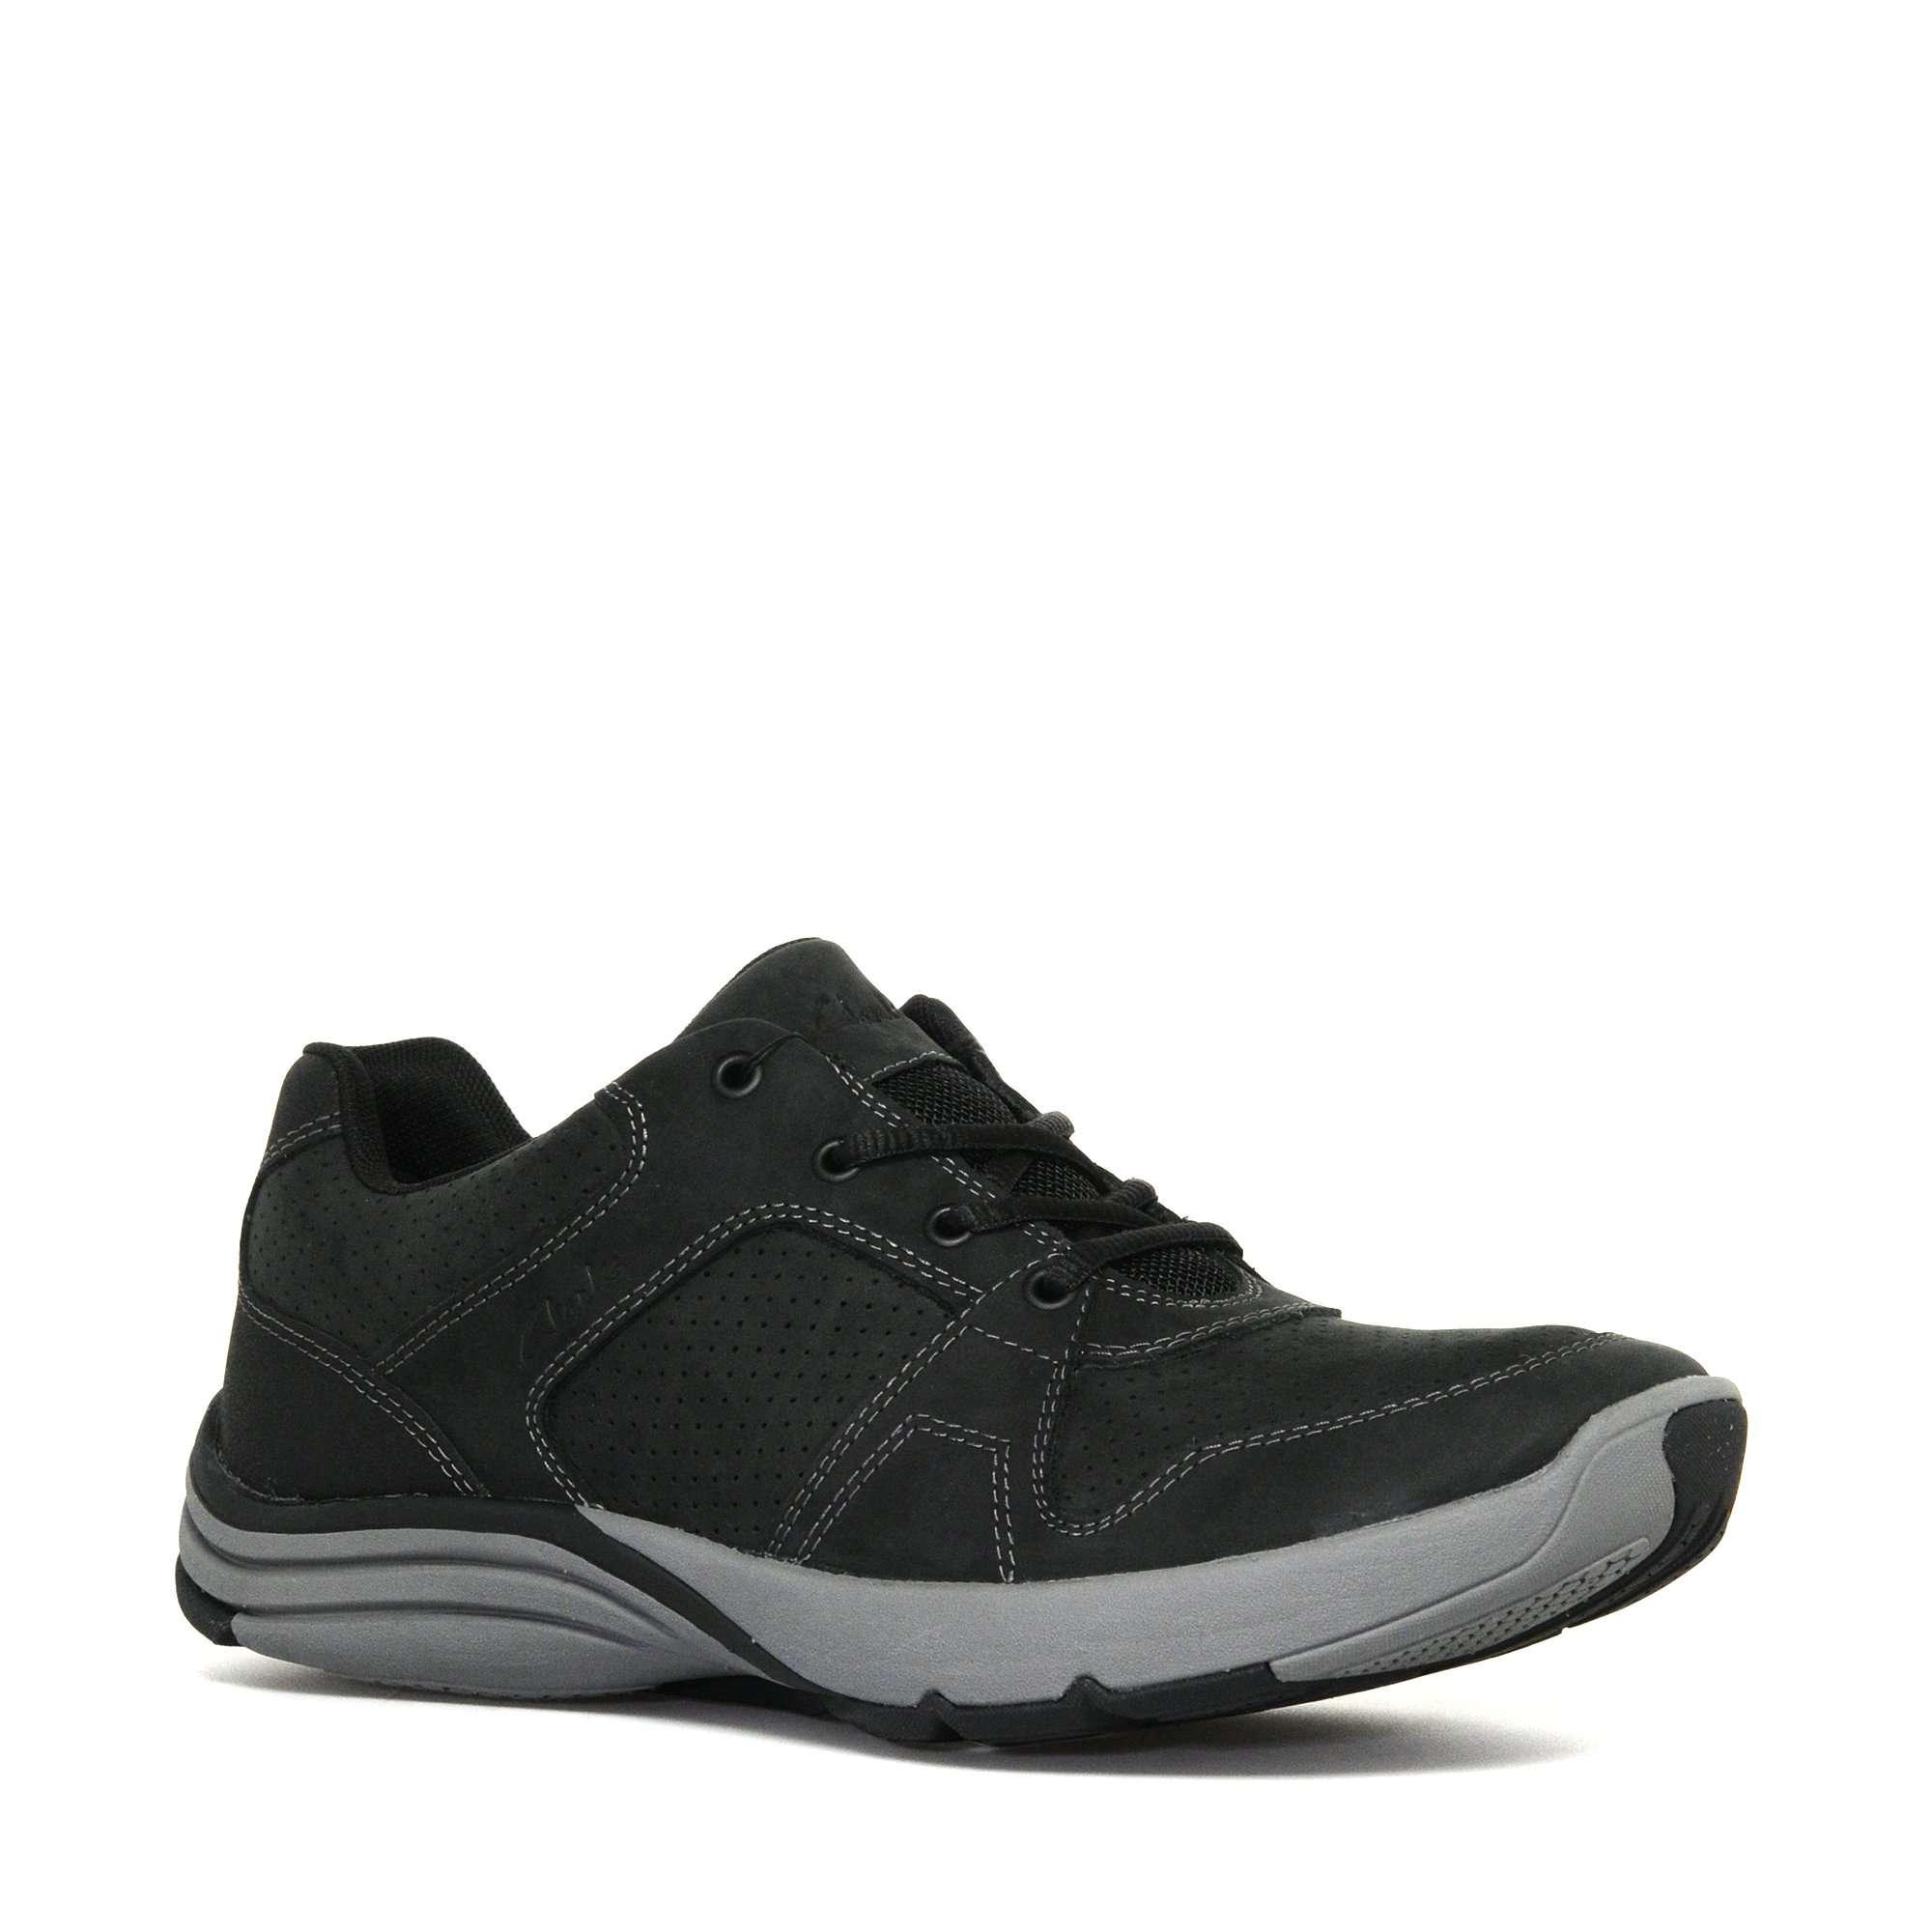 CLARKS Men's Wave Launch Shoes